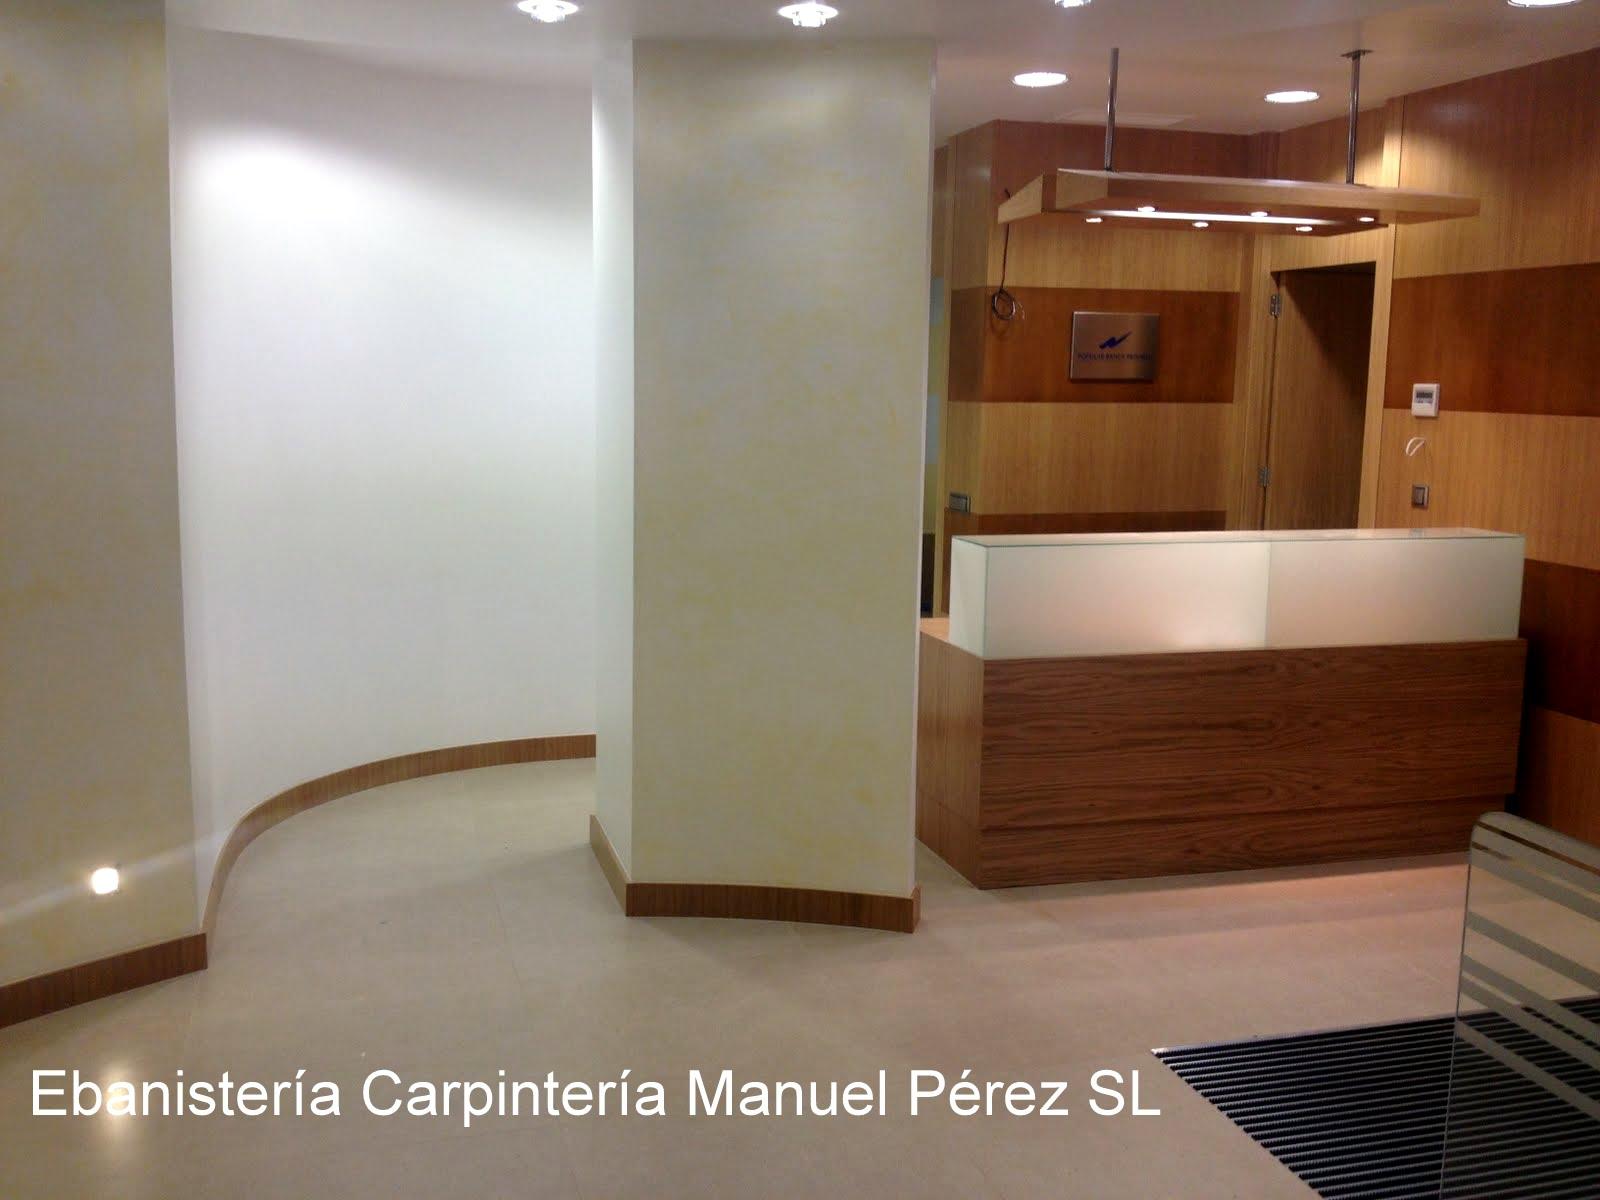 Ebanisteria carpinteria manuel perez zaragoza for Carpinteria interior de madera